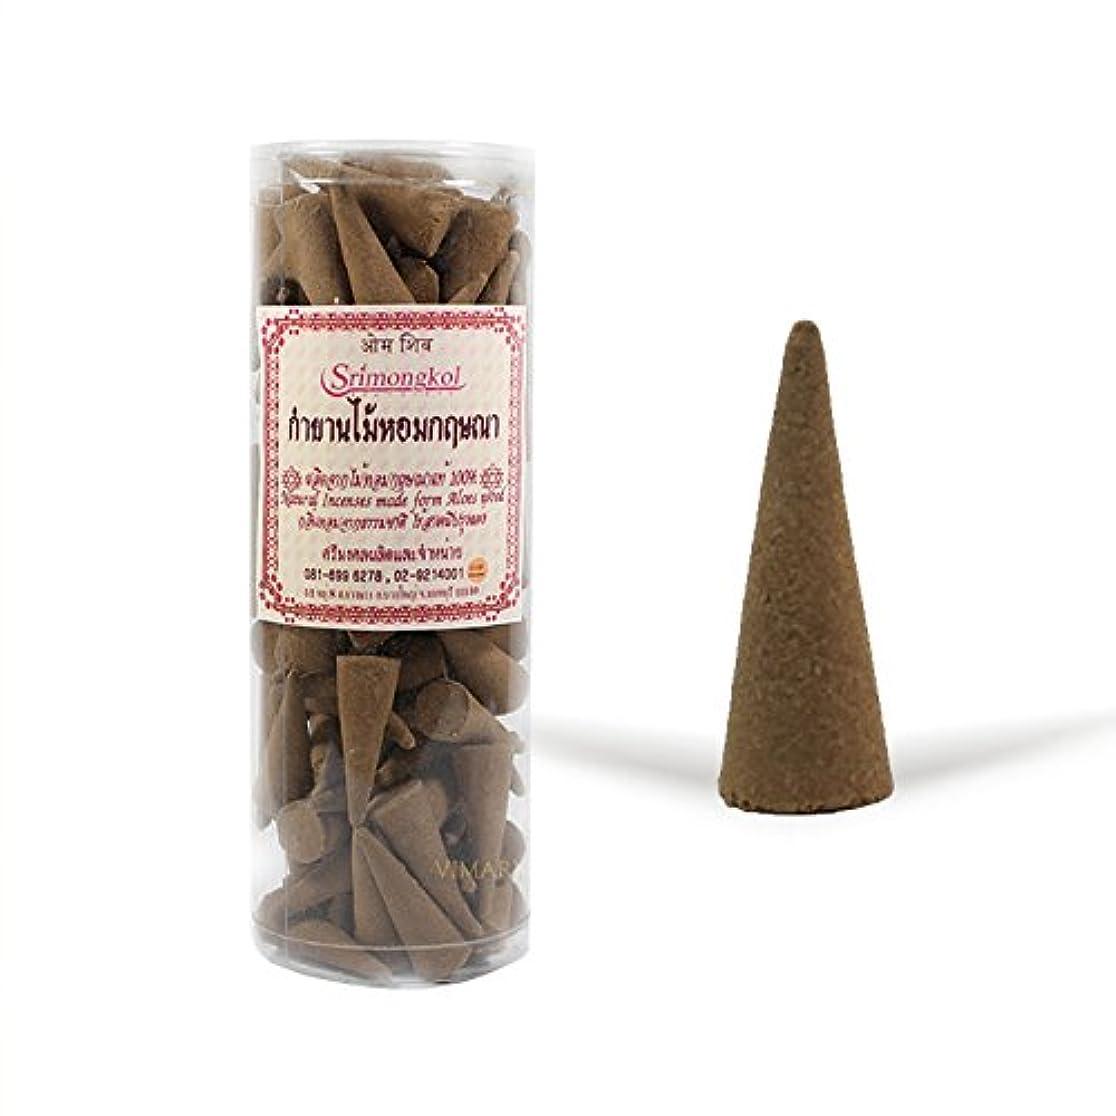 シリング馬力喜びSrimongkol Agarwood Natural Incense Cones 300 Grams (No Chemical):::Srimongkol Agarwoodナチュラル香コーン300グラム(化学薬品なし)